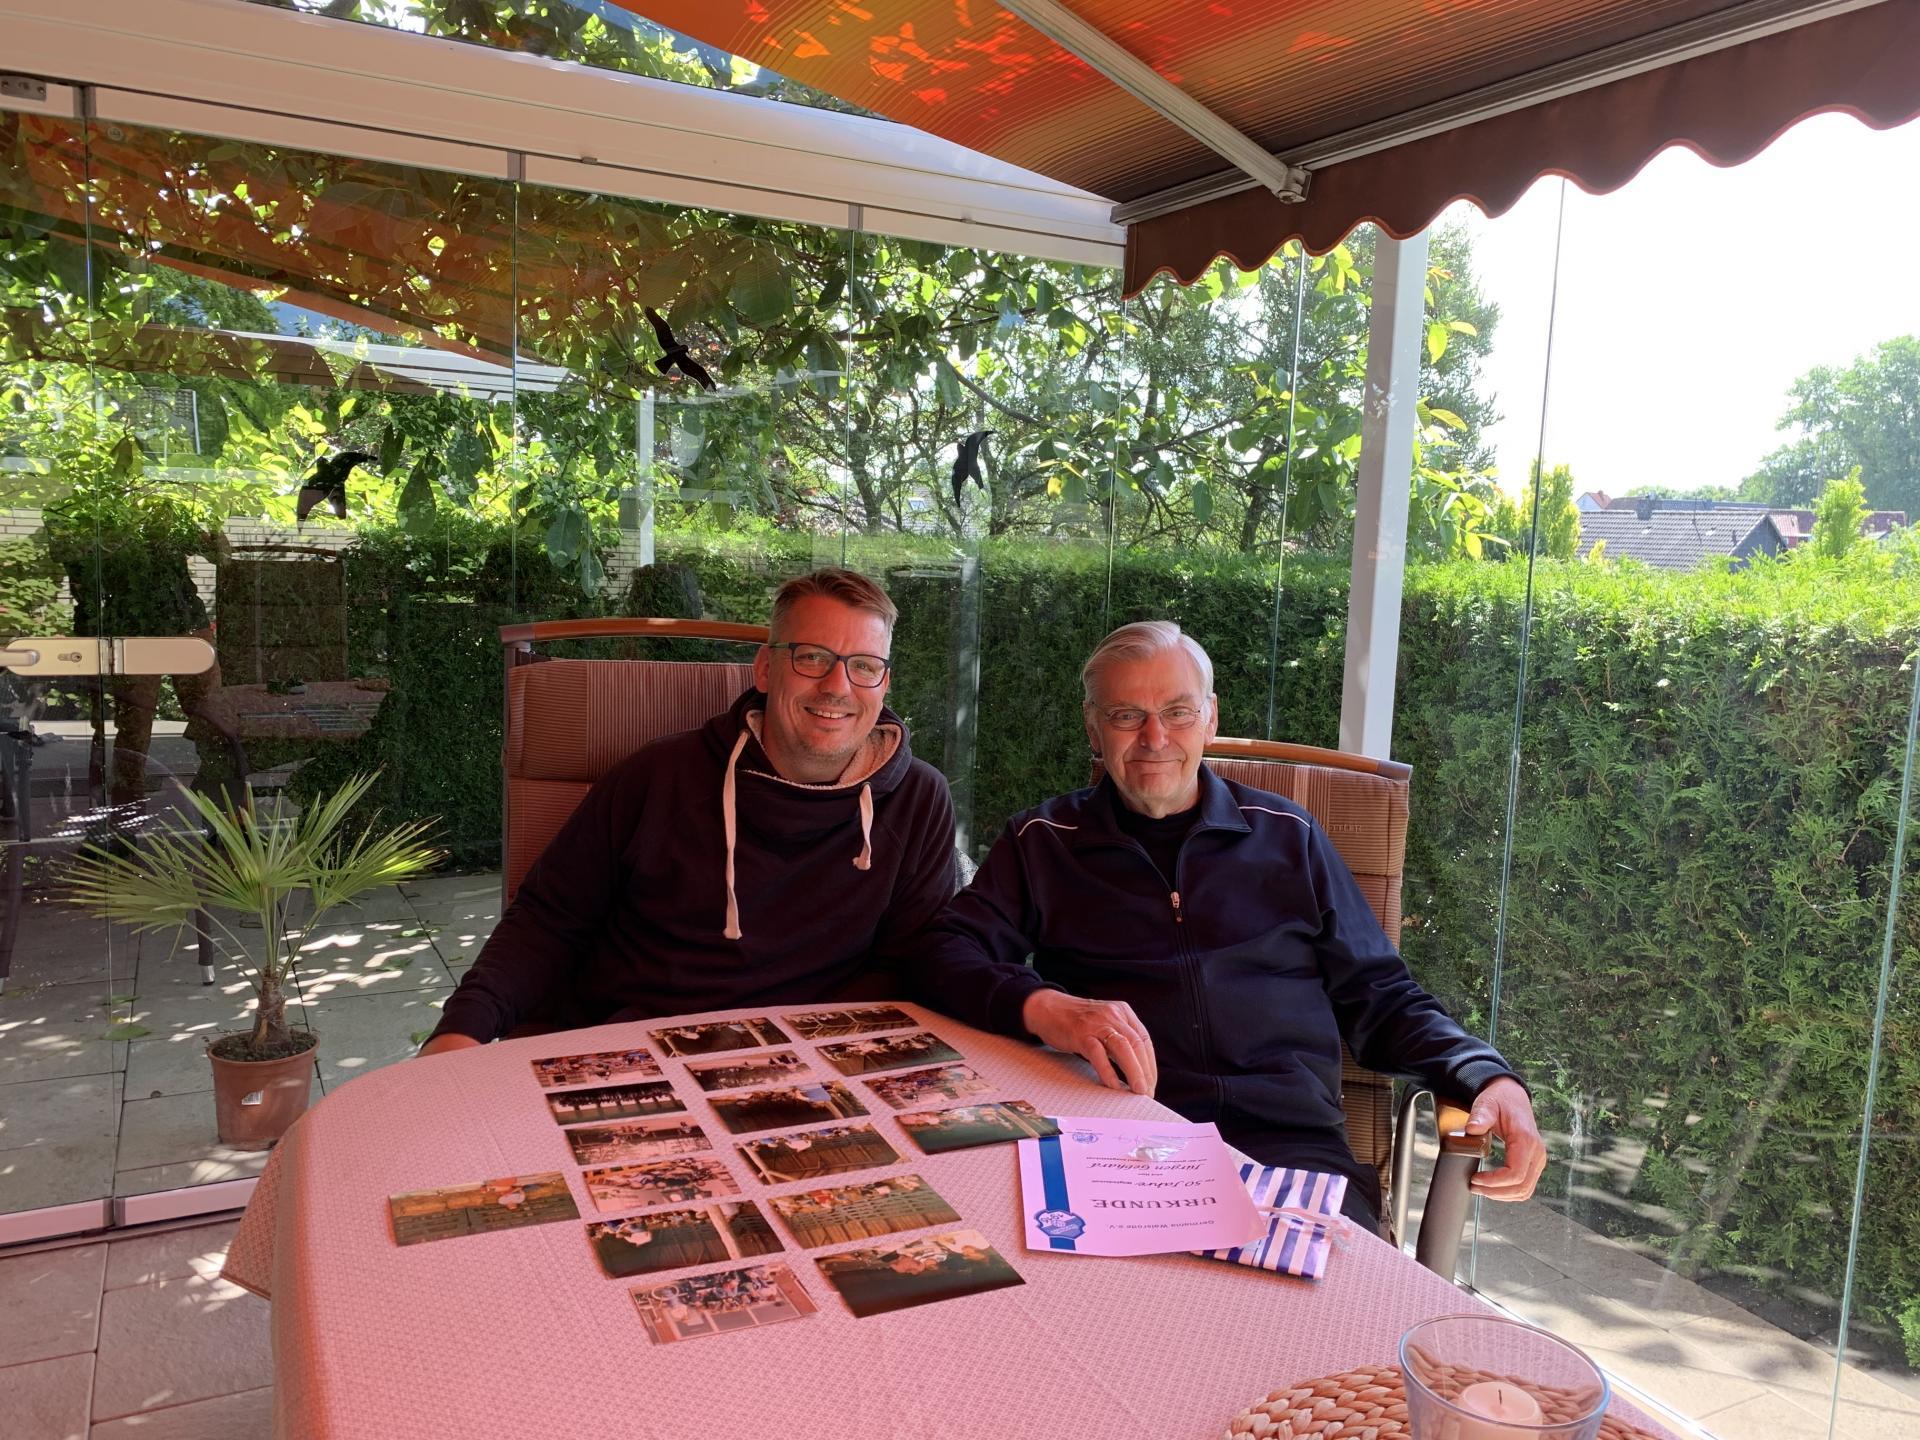 Zu Besuch bei Jürgen Gebhard - Aus einem kurzen Besuch entwickelte sich eine sehr schöne Zeitreise.